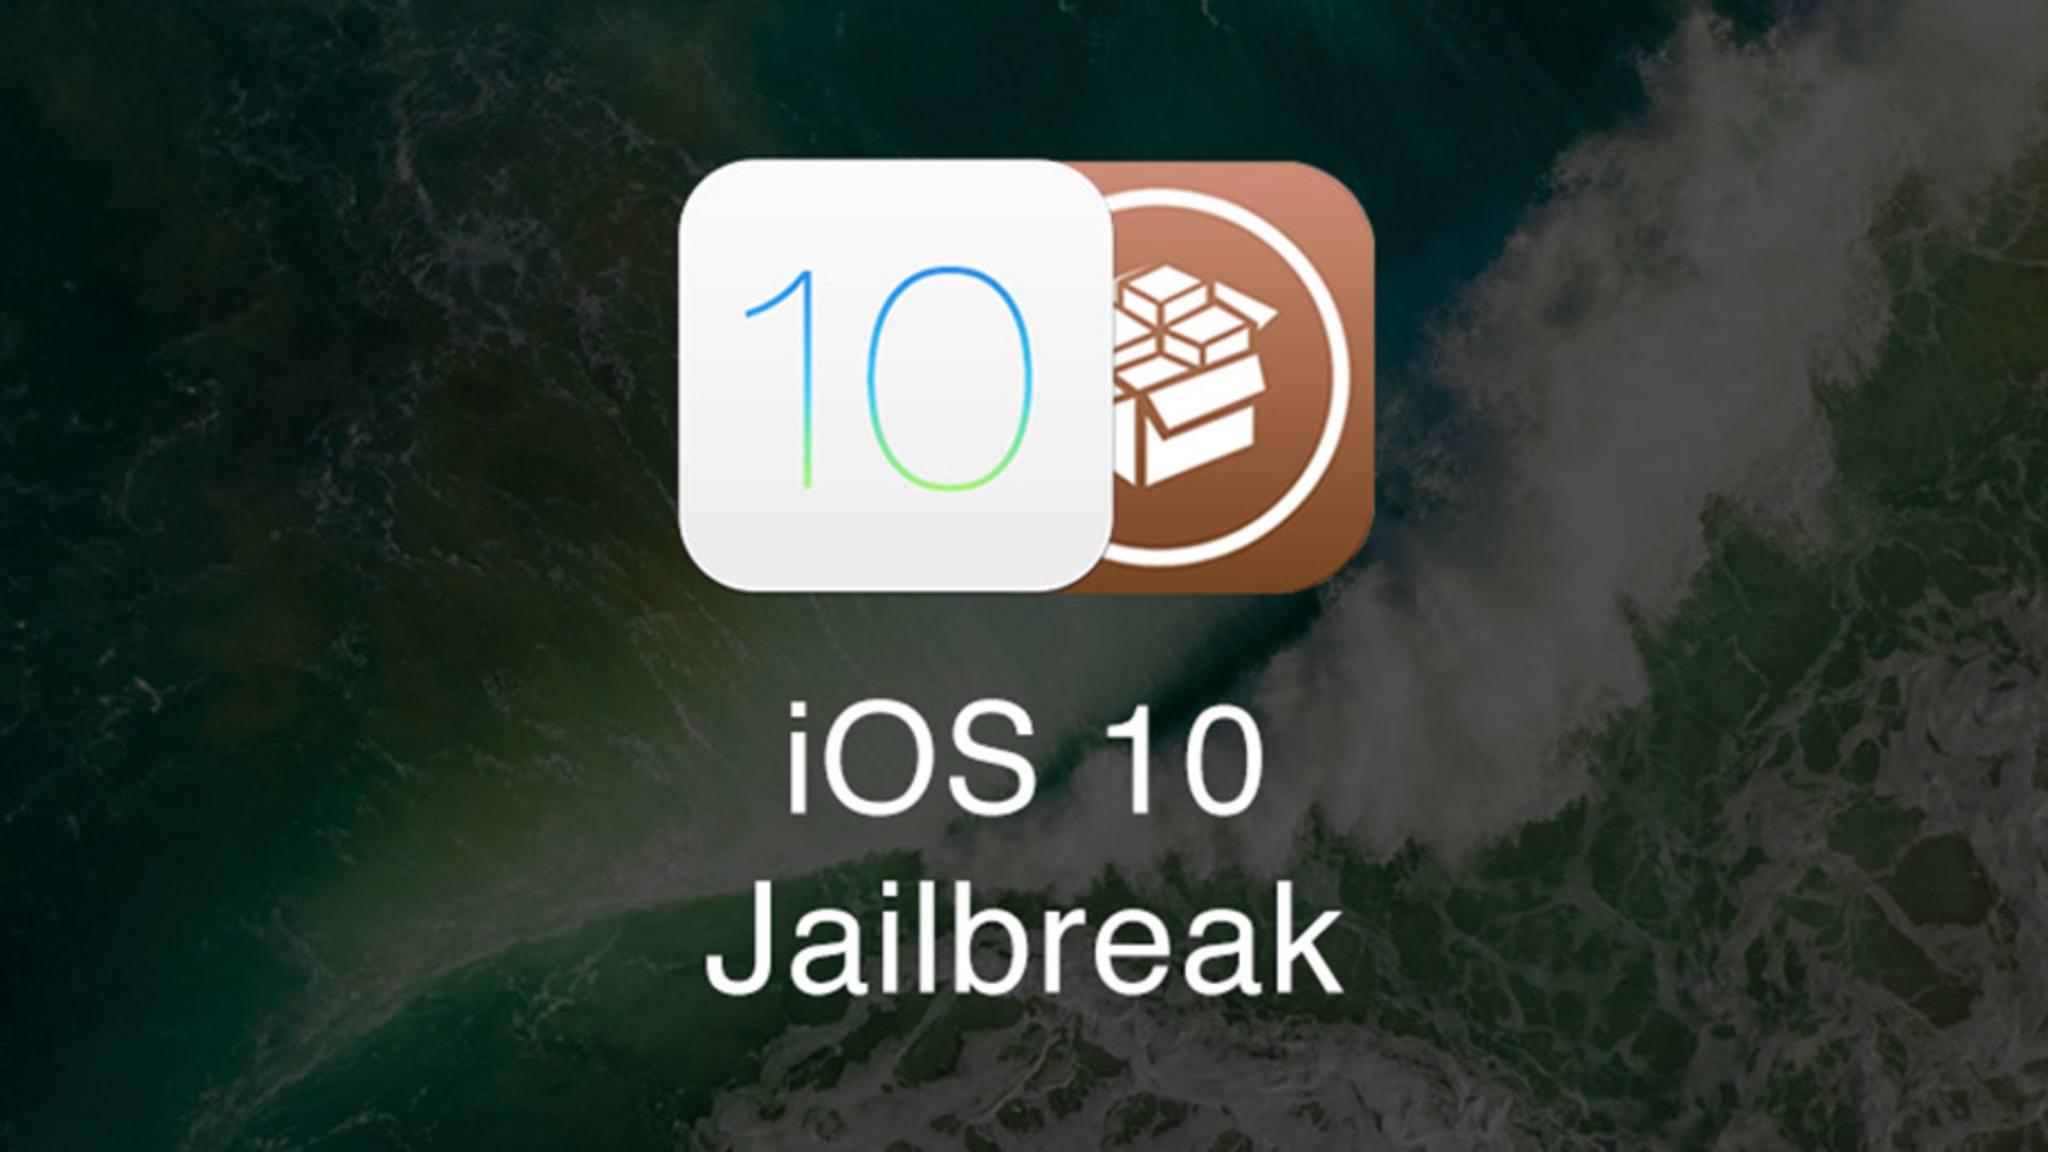 Von einem Jailbreak auf dem iPhone wird eher abgeraten.